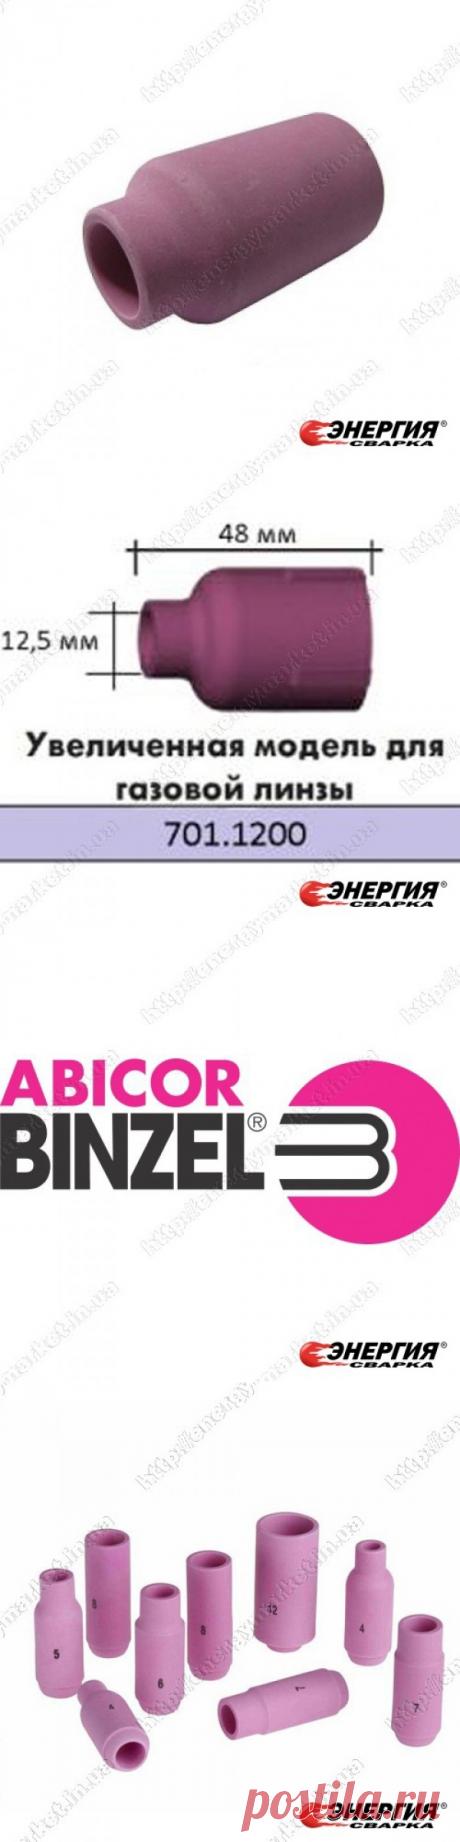 701.1200 Керамическое сопло № 8 (NW 12,5 мм / L 48,0 мм)  Abicor Binzel купить цена Украине